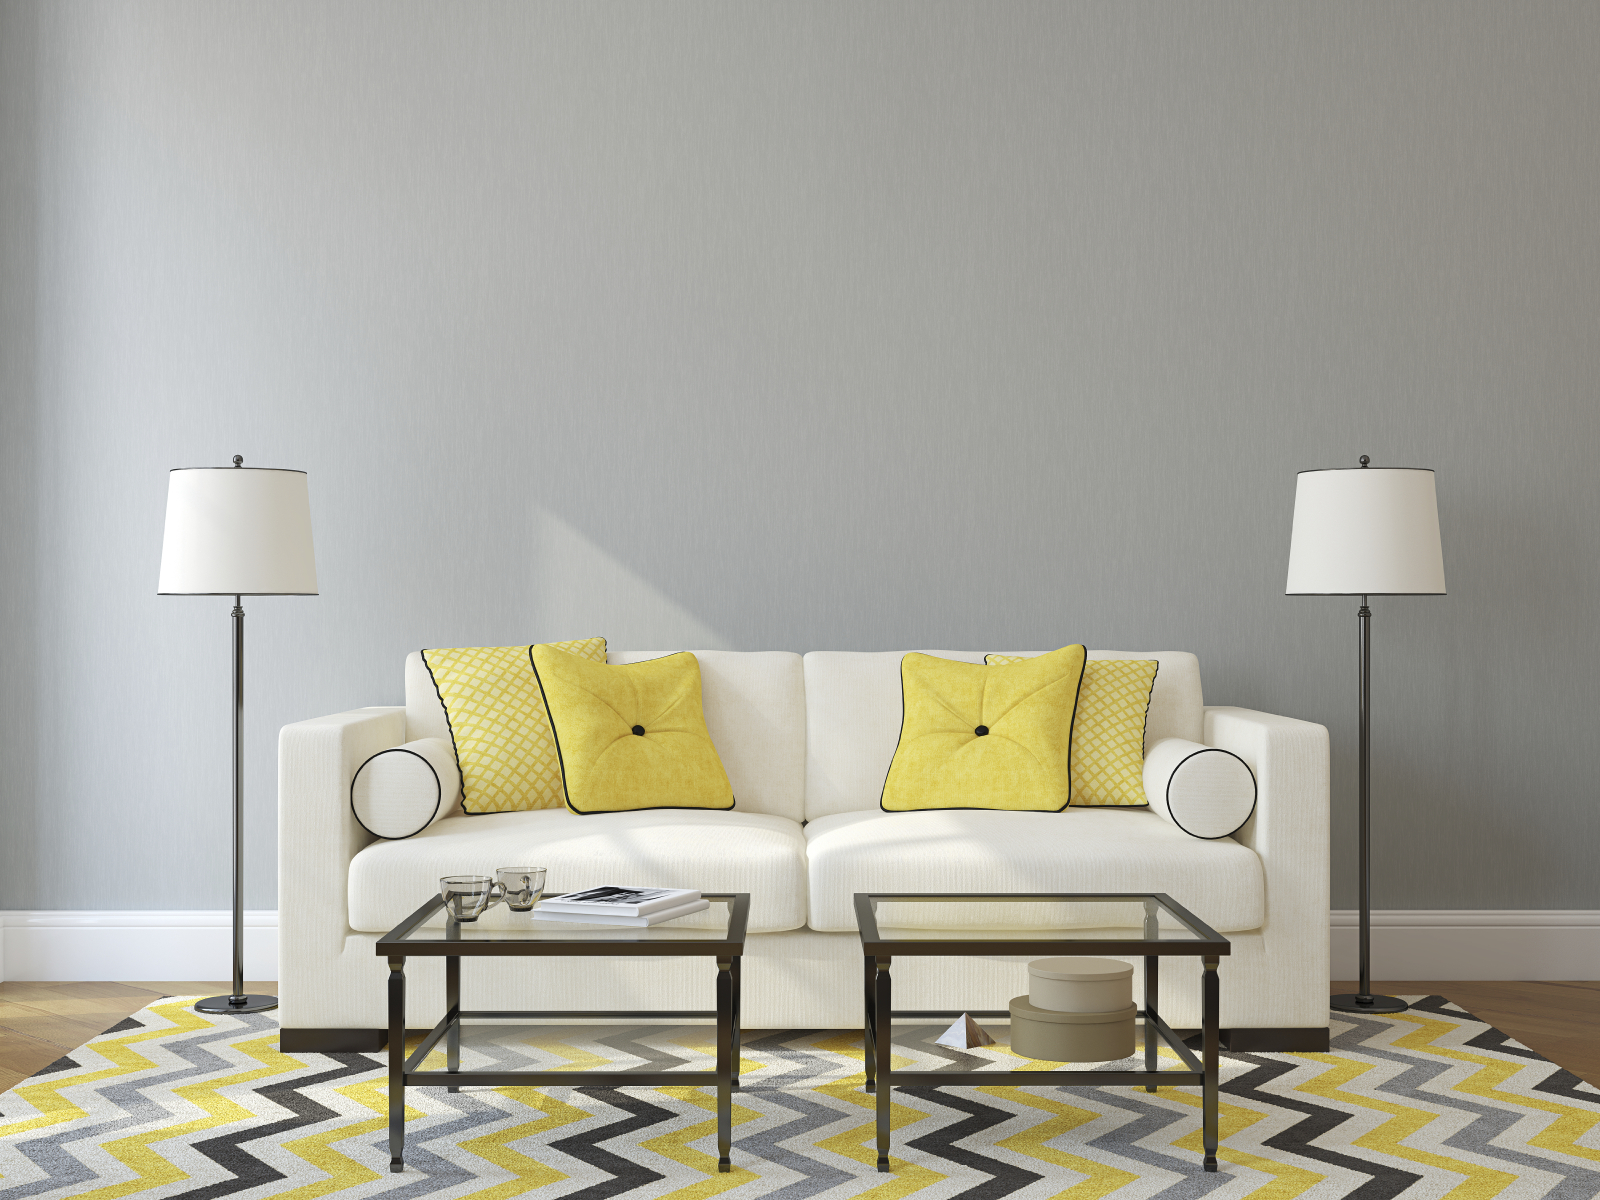 Casabook immobiliare colora la tua casa con stile e for Quanto costruire una casa in stile artigiano